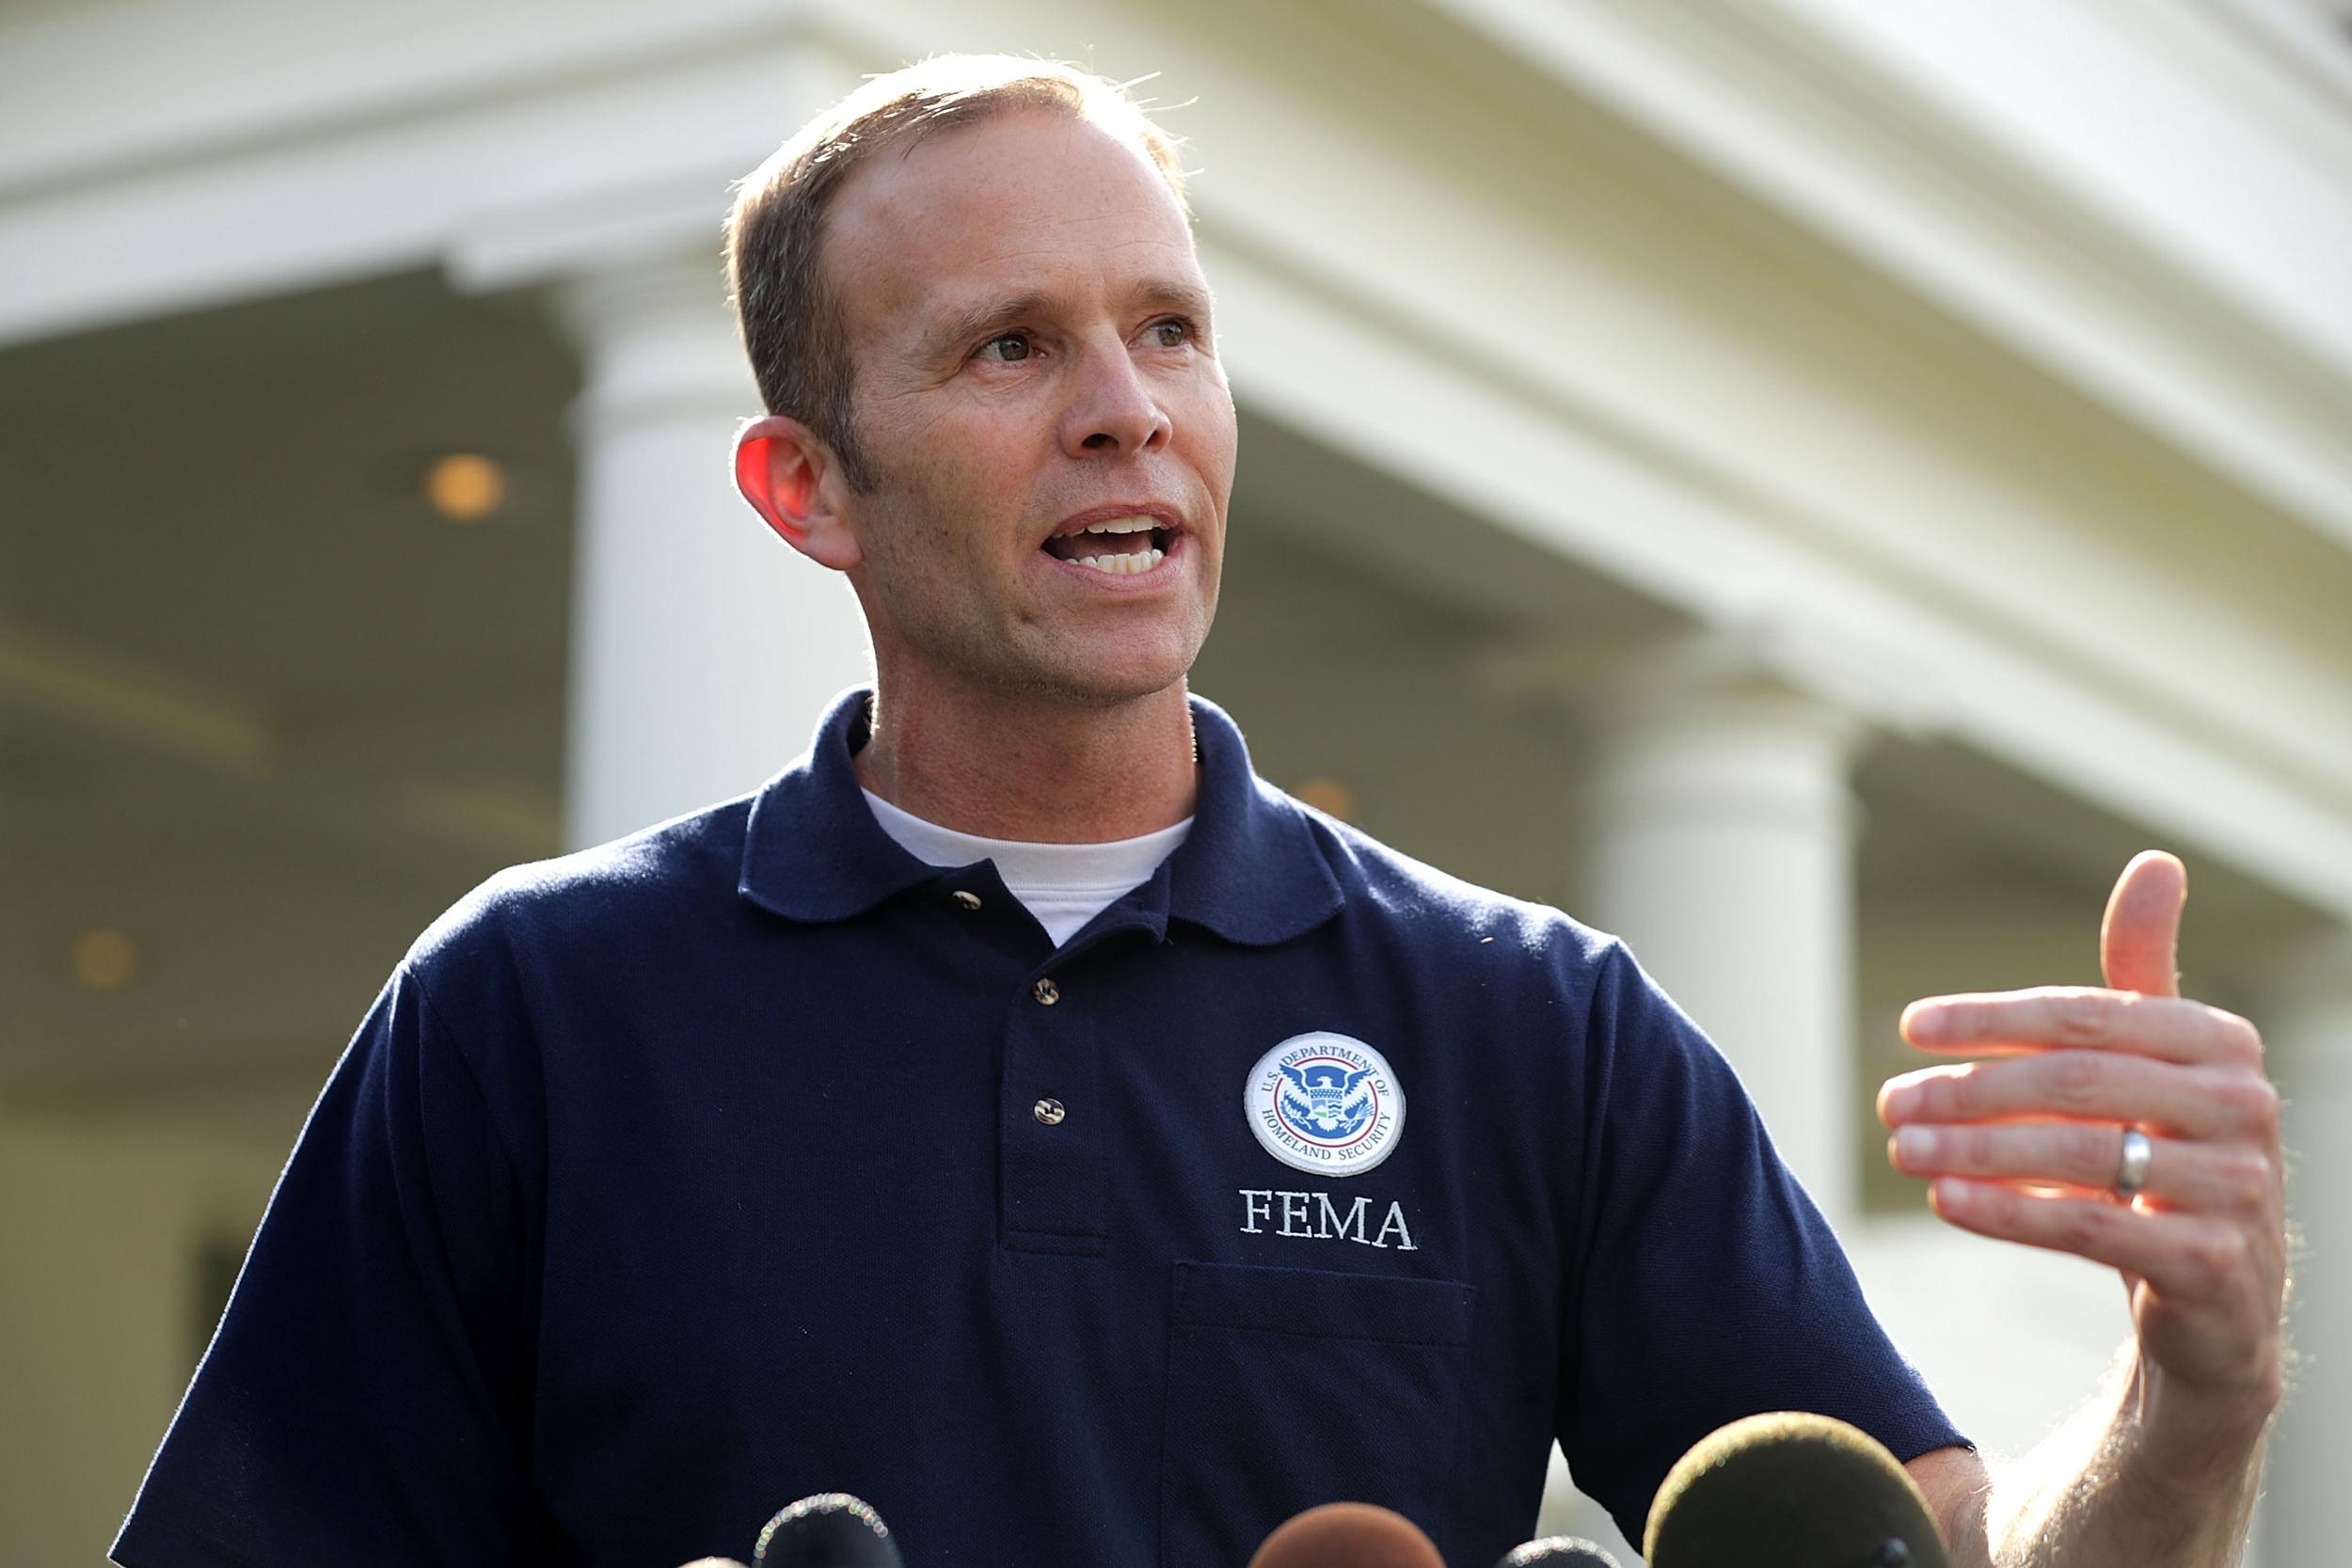 Image: FEMA Administrator Brock Long